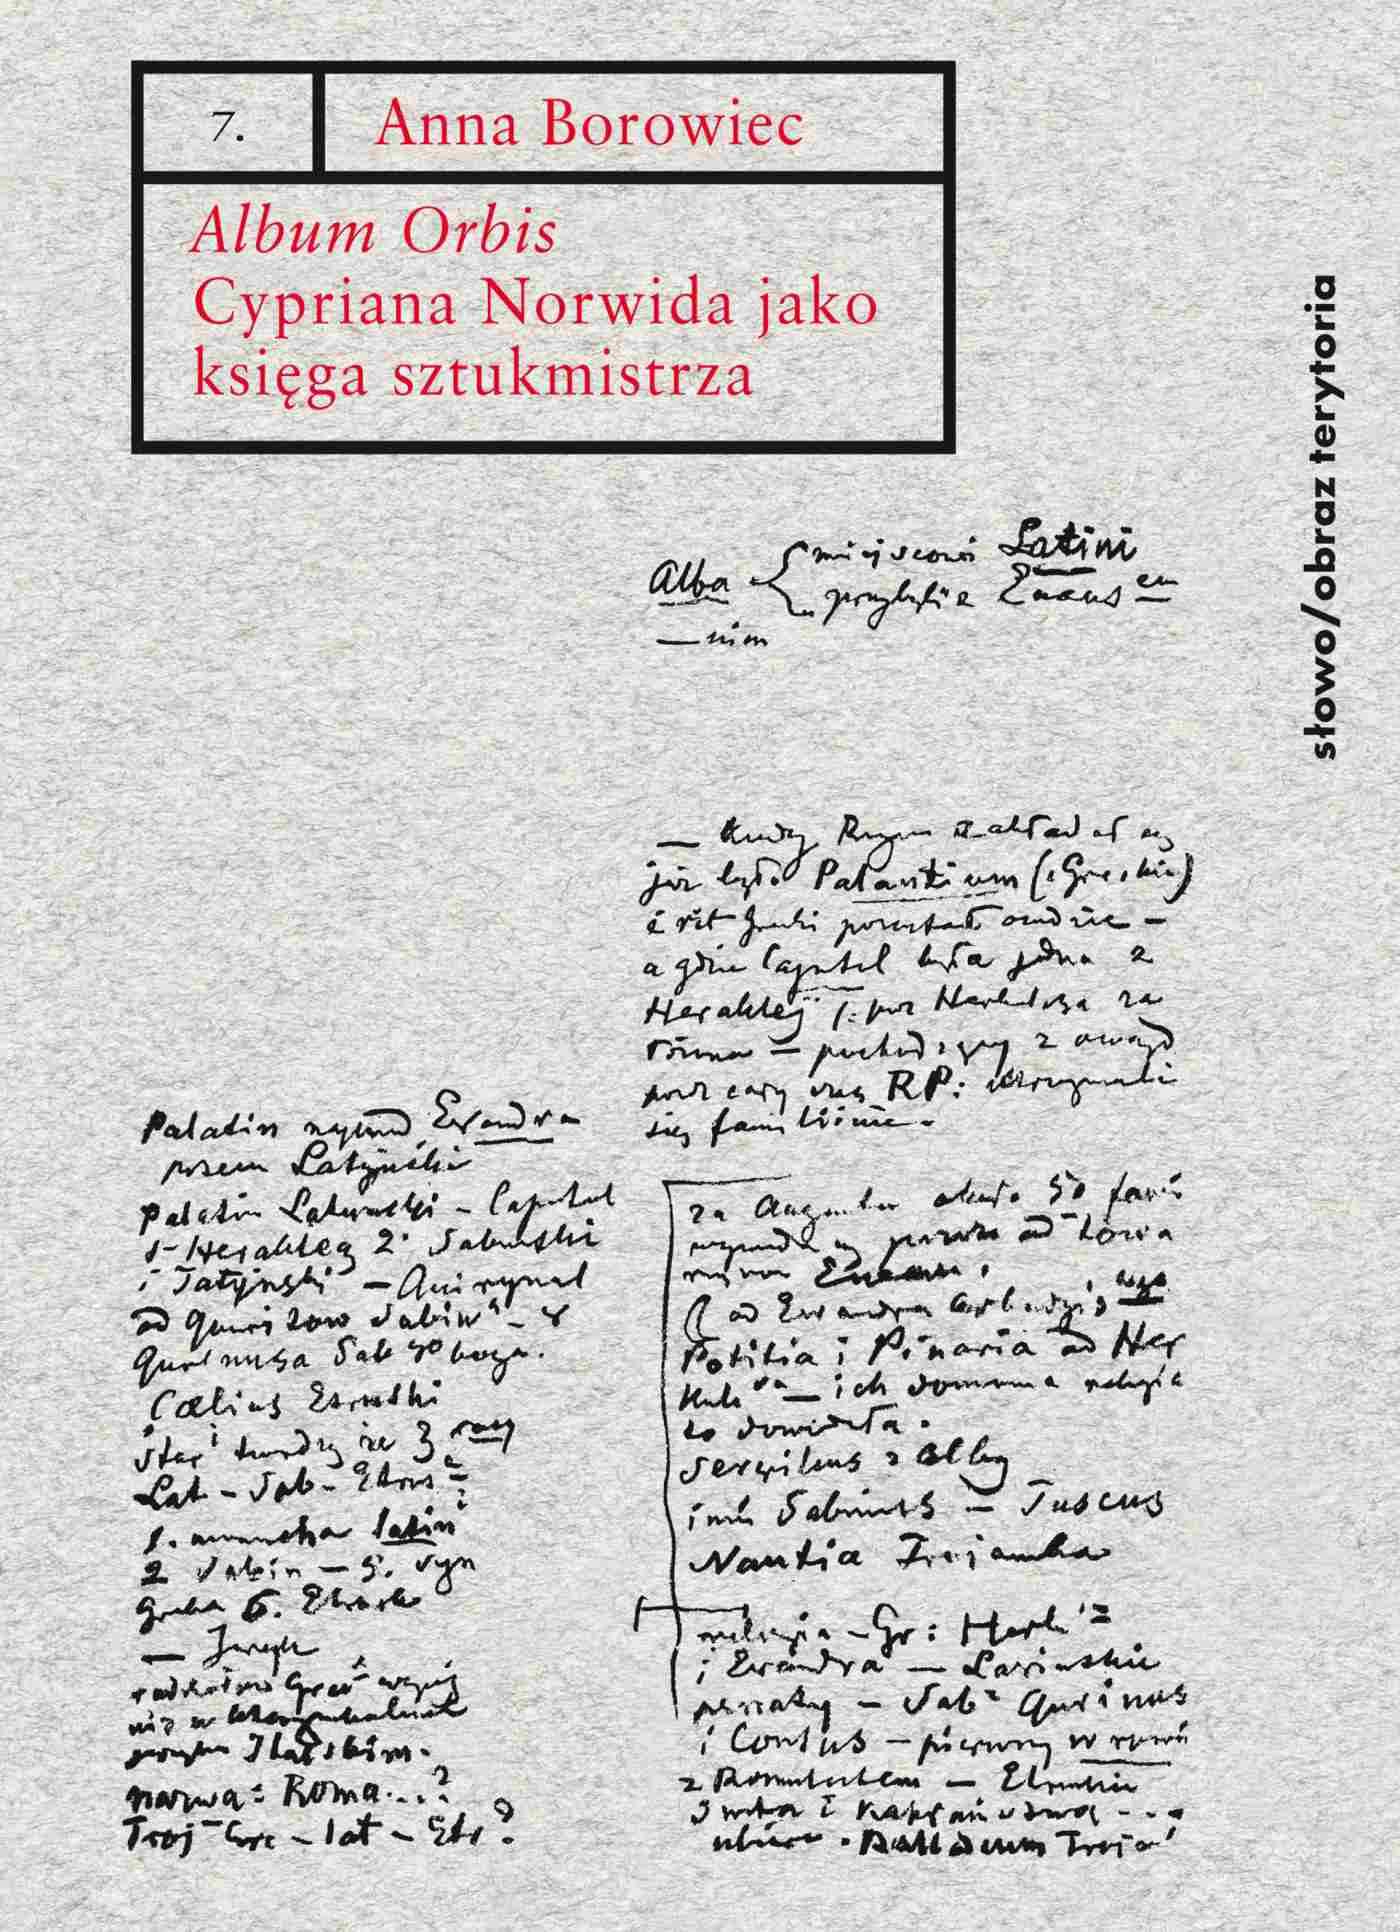 """""""Album Orbis"""" Cypriana Norwida jako księga sztukmistrza - Ebook (Książka na Kindle) do pobrania w formacie MOBI"""